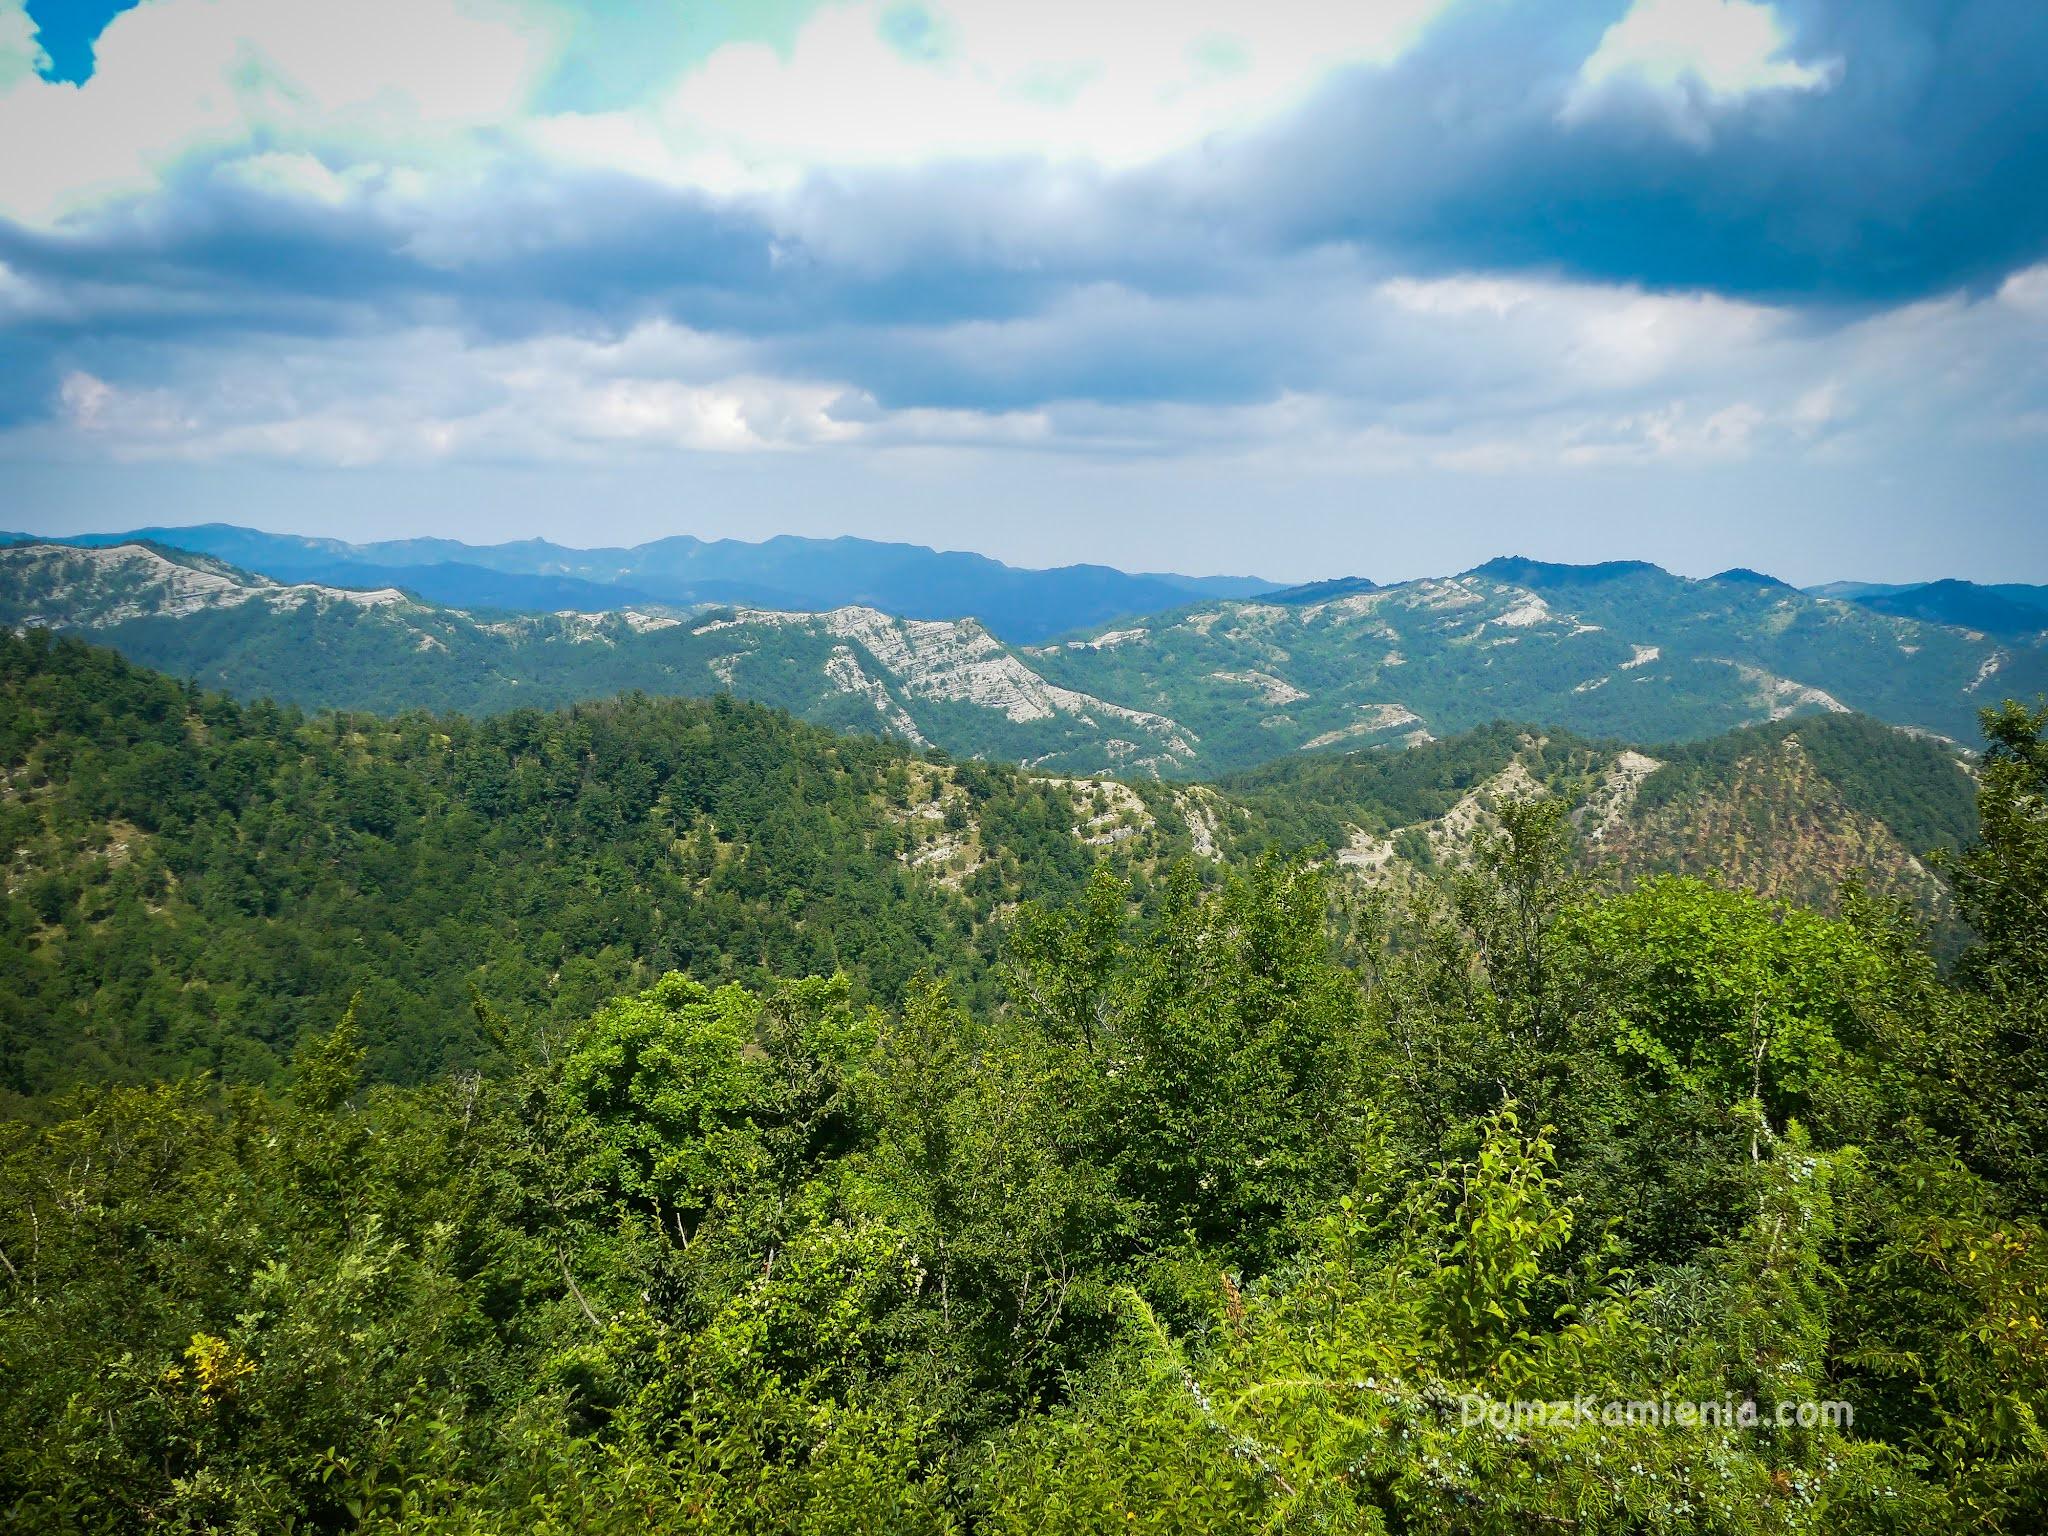 Dom z Kamienia blog, trekking w Toskanii, Crespino